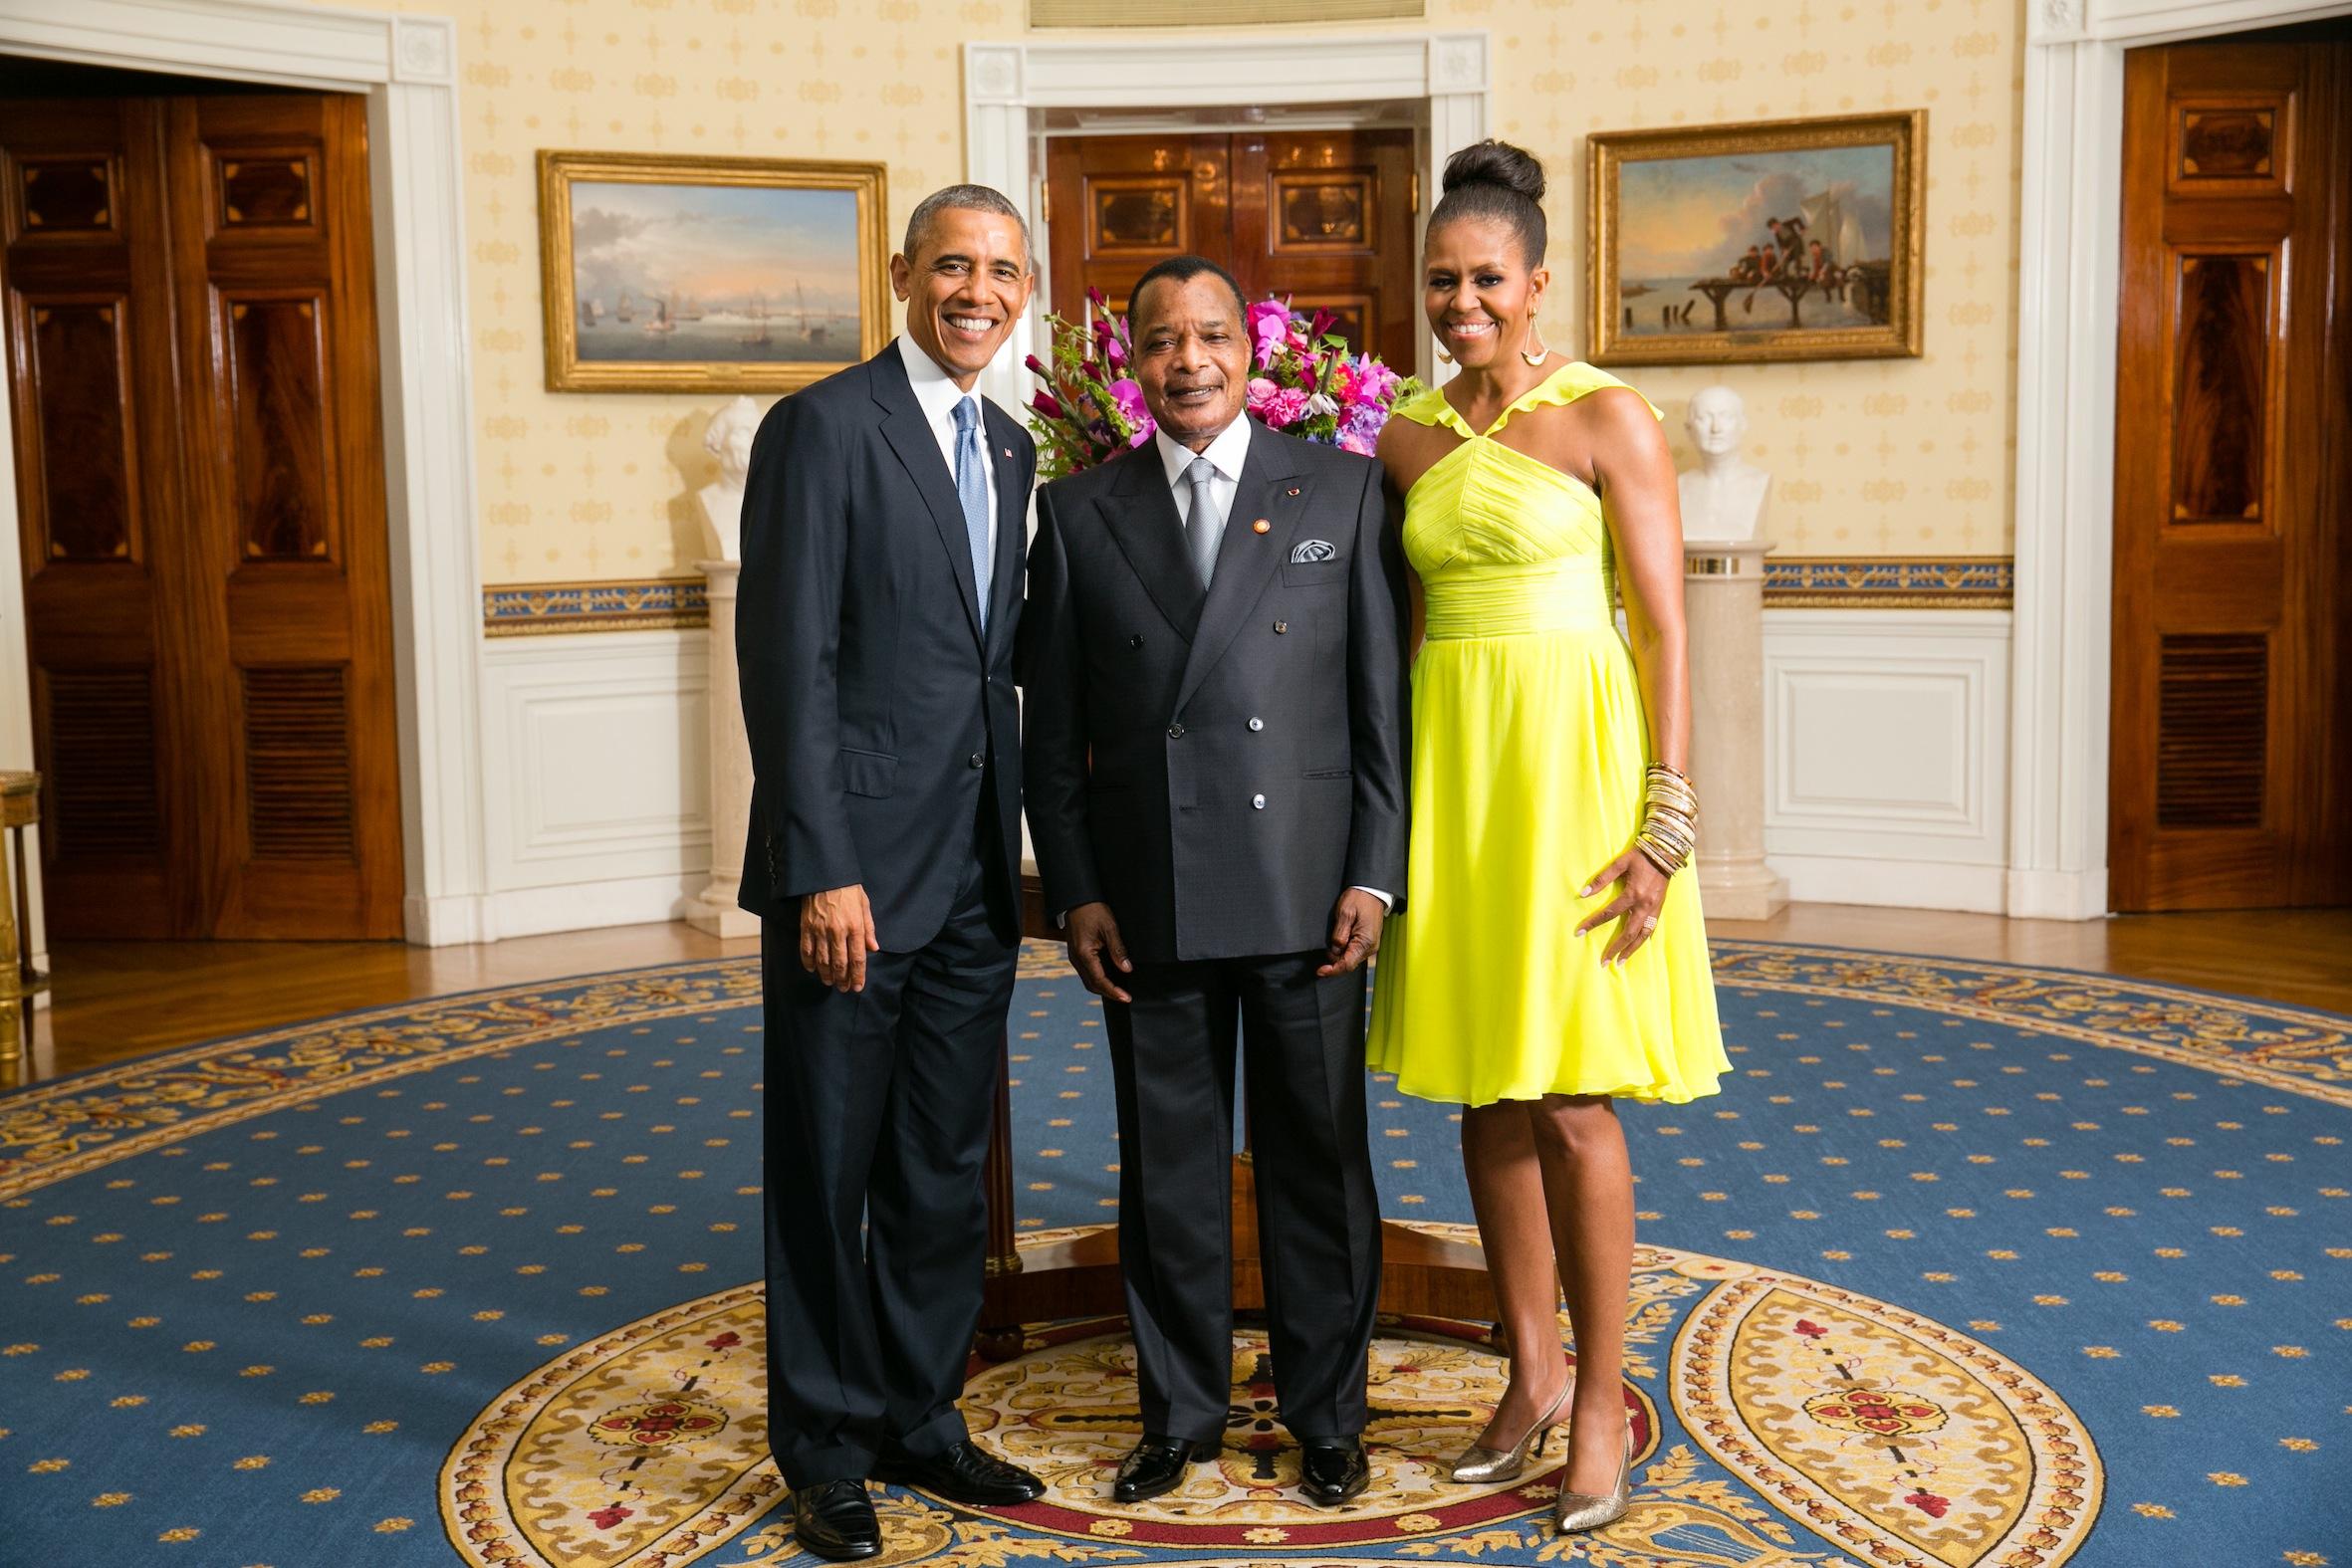 Sommet tats unis afrique les chefs d 39 tat africains for Ambassade de france washington visite maison blanche